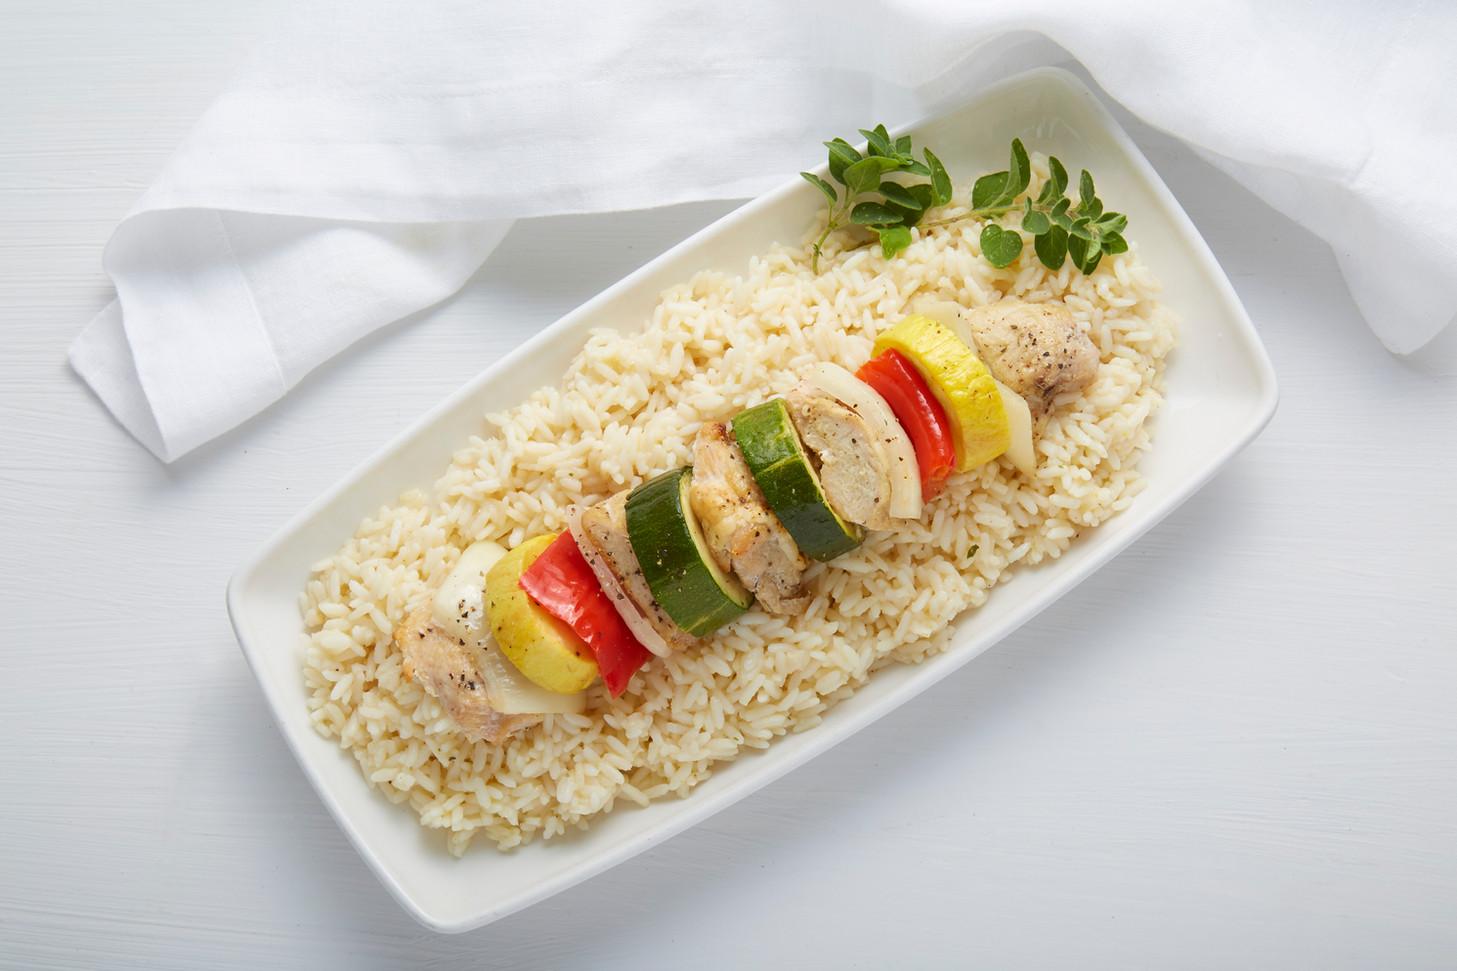 Skewerless chicken kabob over rice